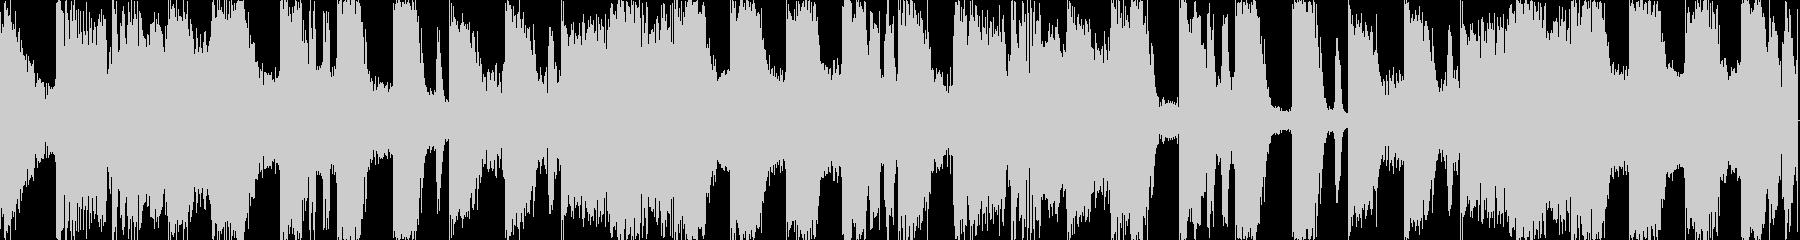 Dubstep [ダブステップ]の未再生の波形